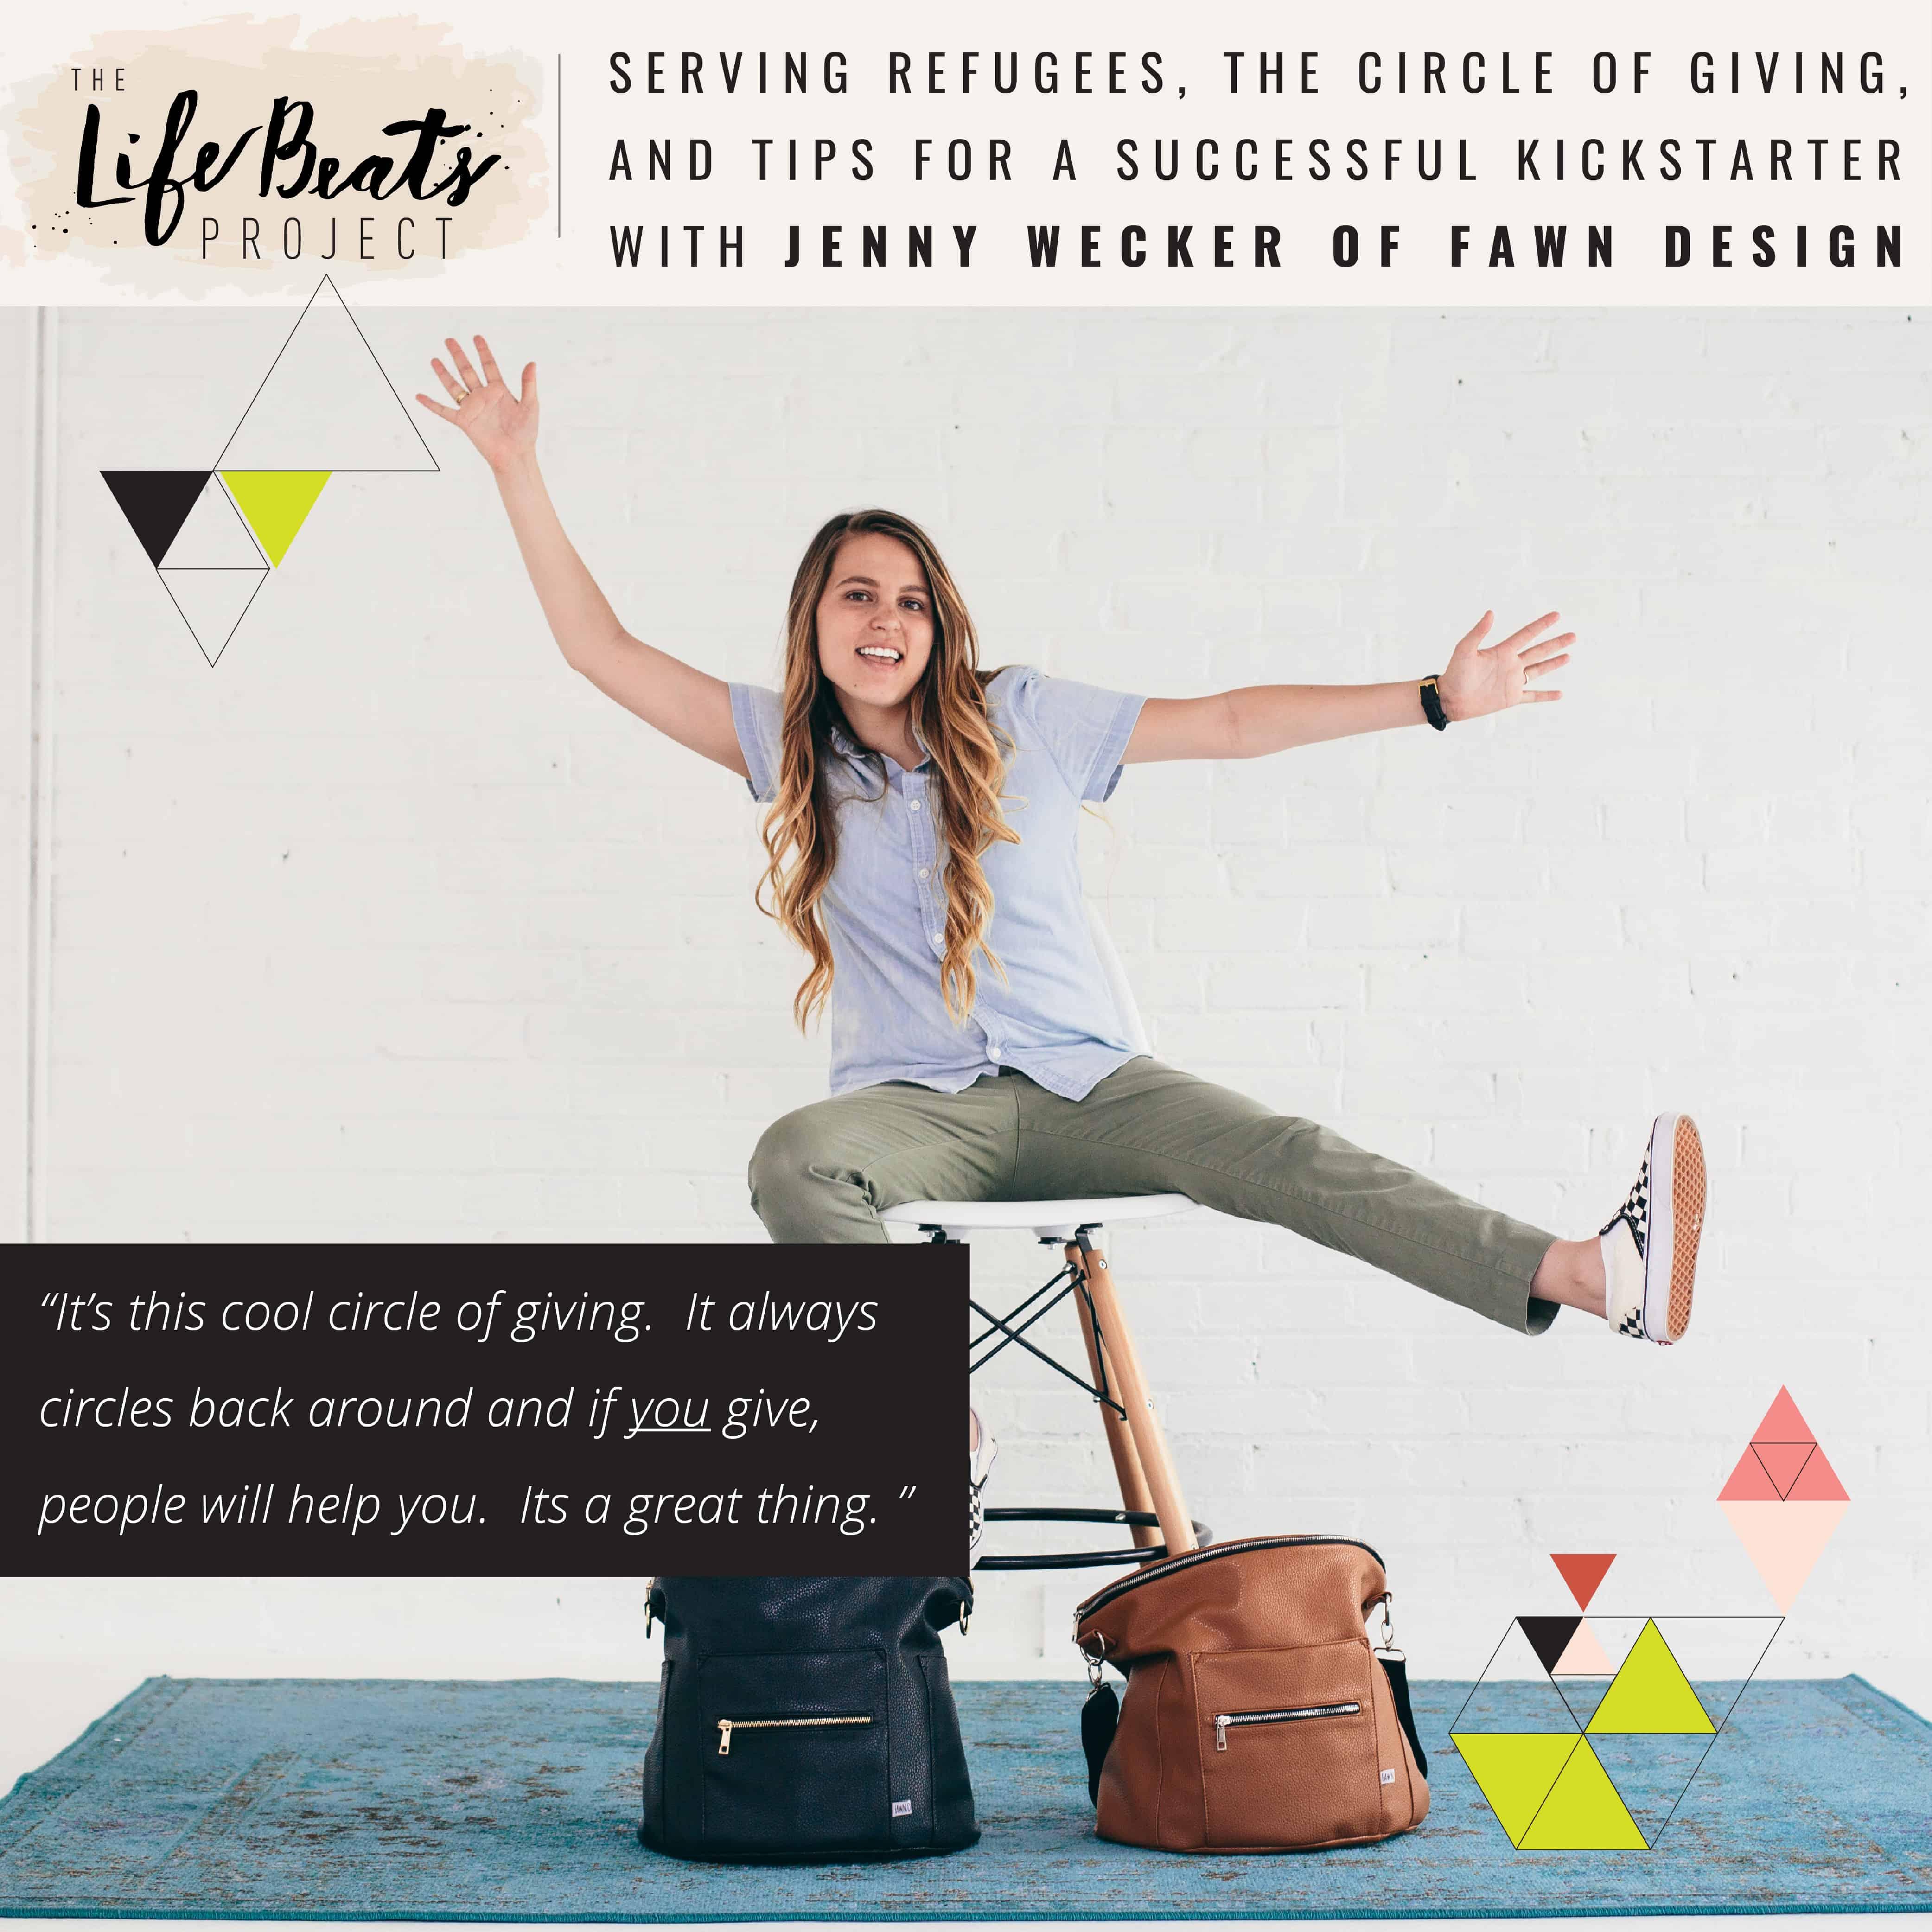 serve refugees app fawn design diaper bags kickstarter